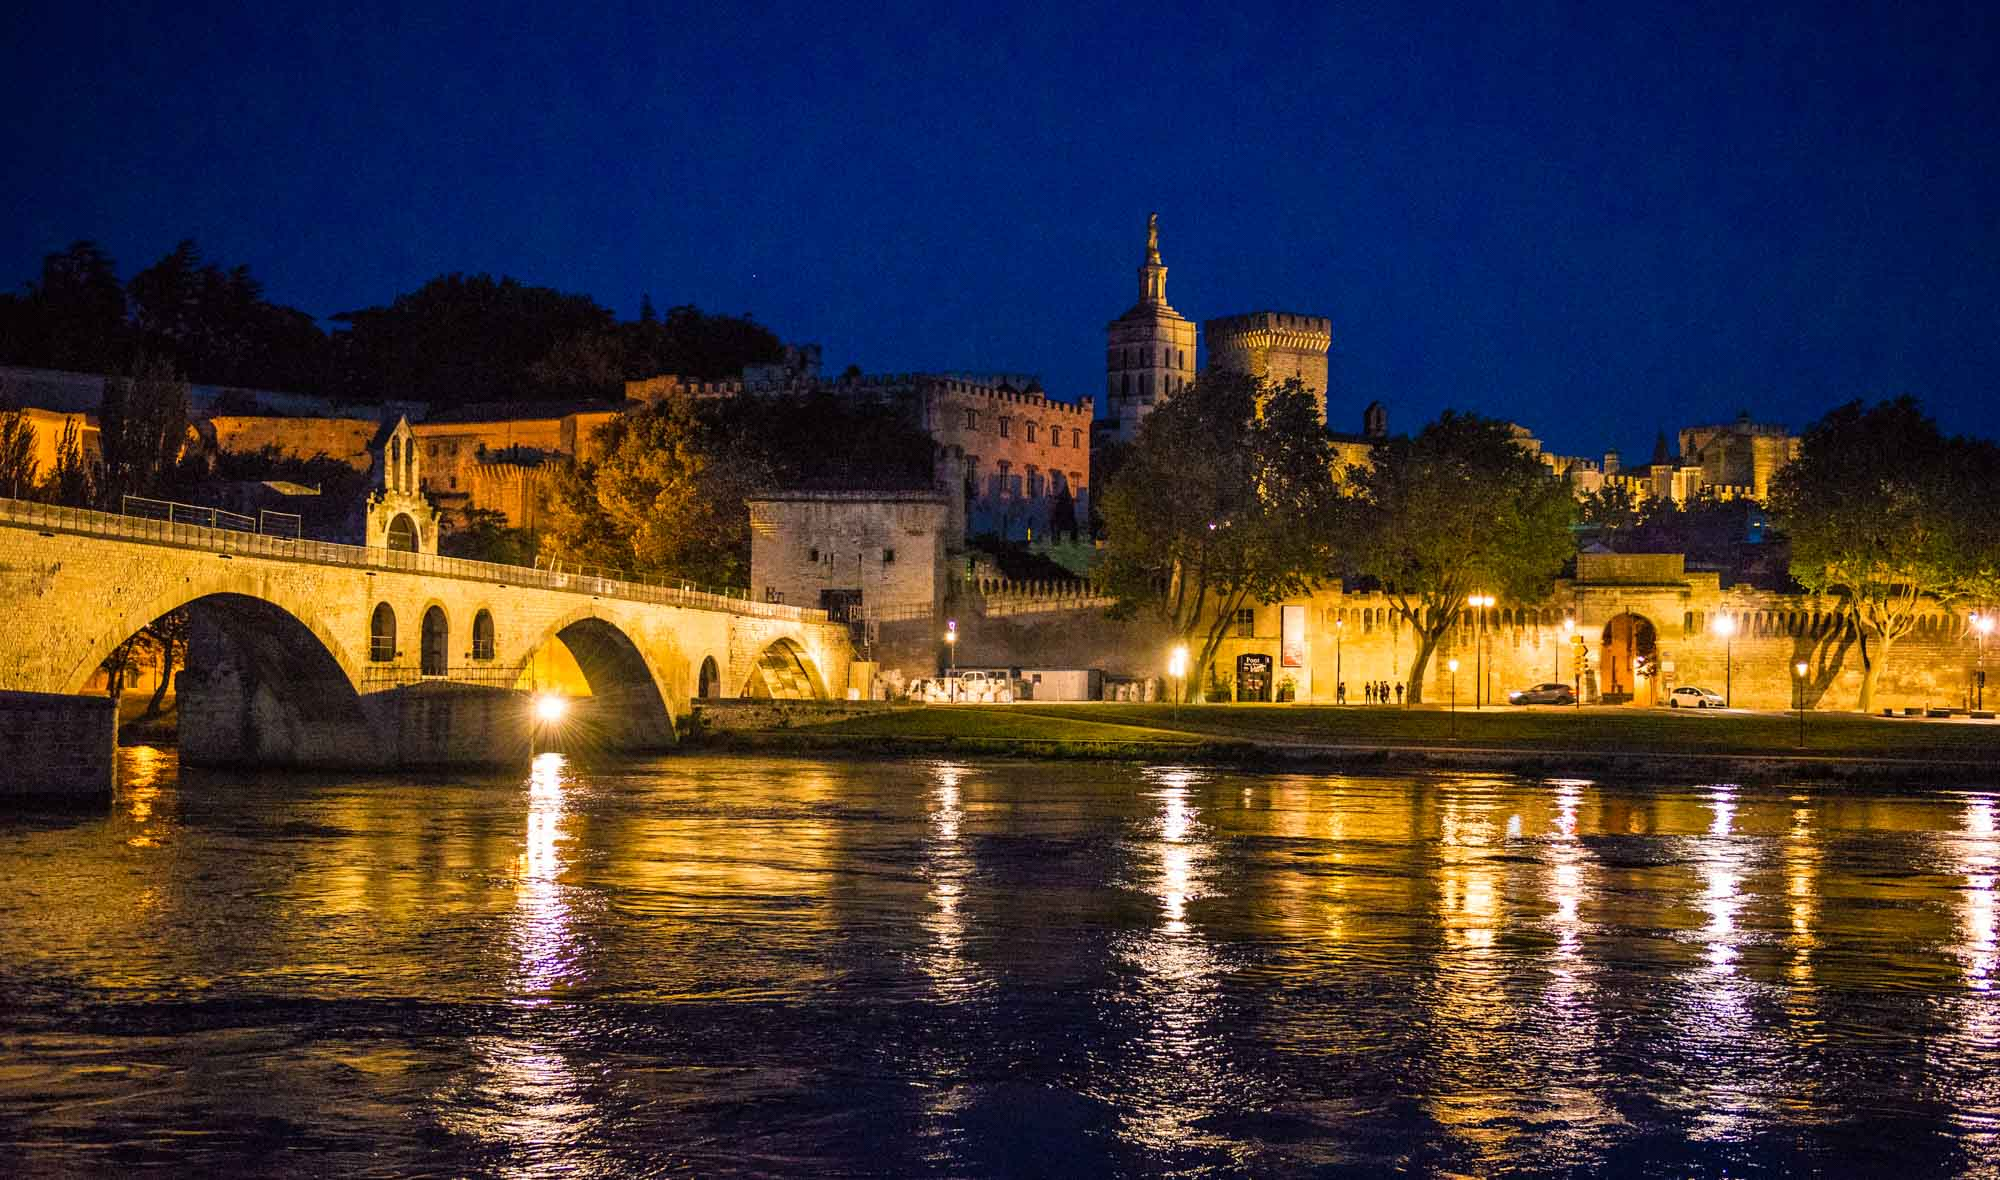 Gorgeous city of Avignon